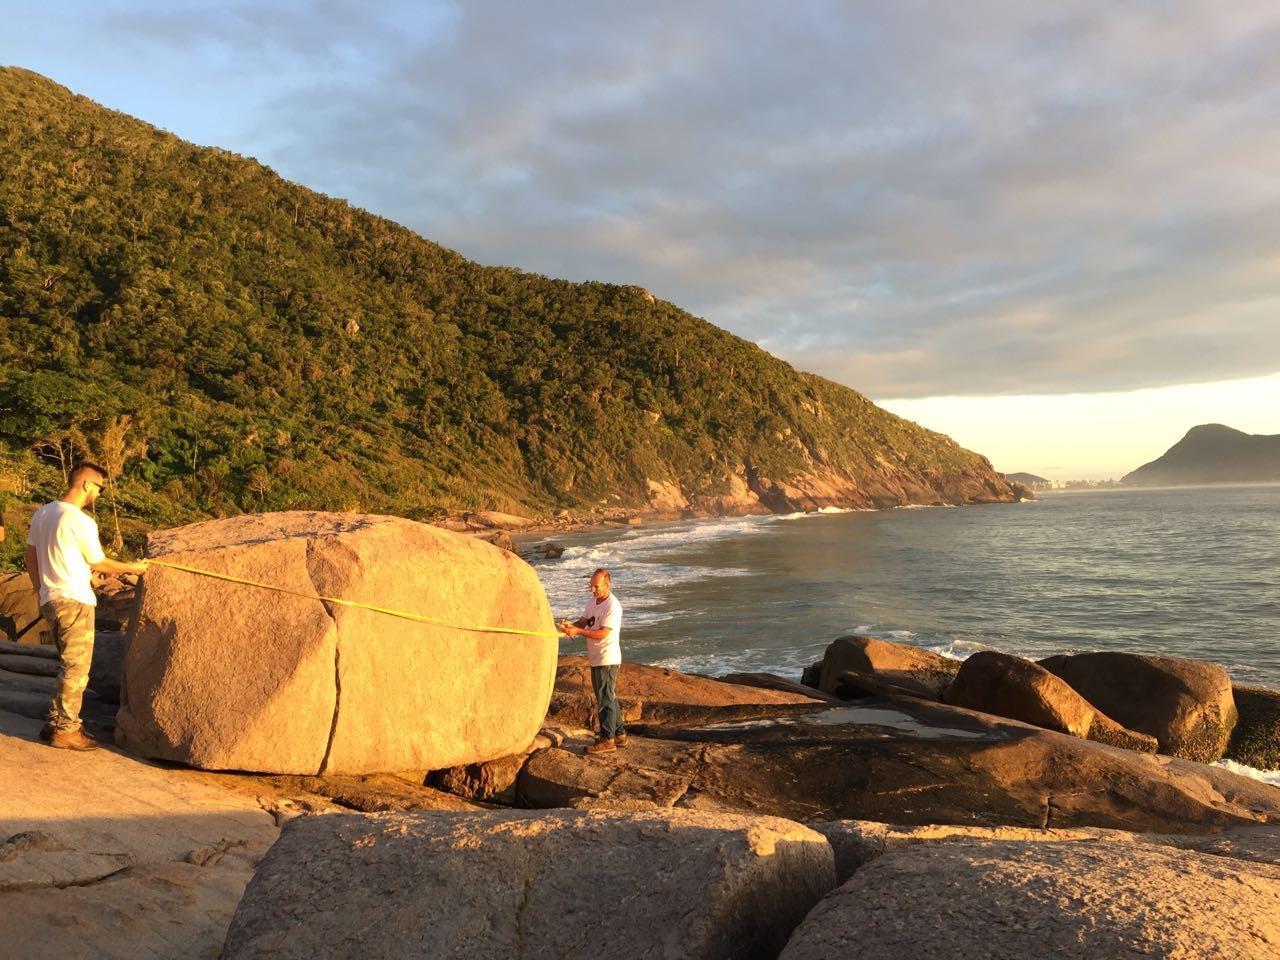 Expedição científica pela praia do Saquinho nesta sexta-feira - Divulgação/ND